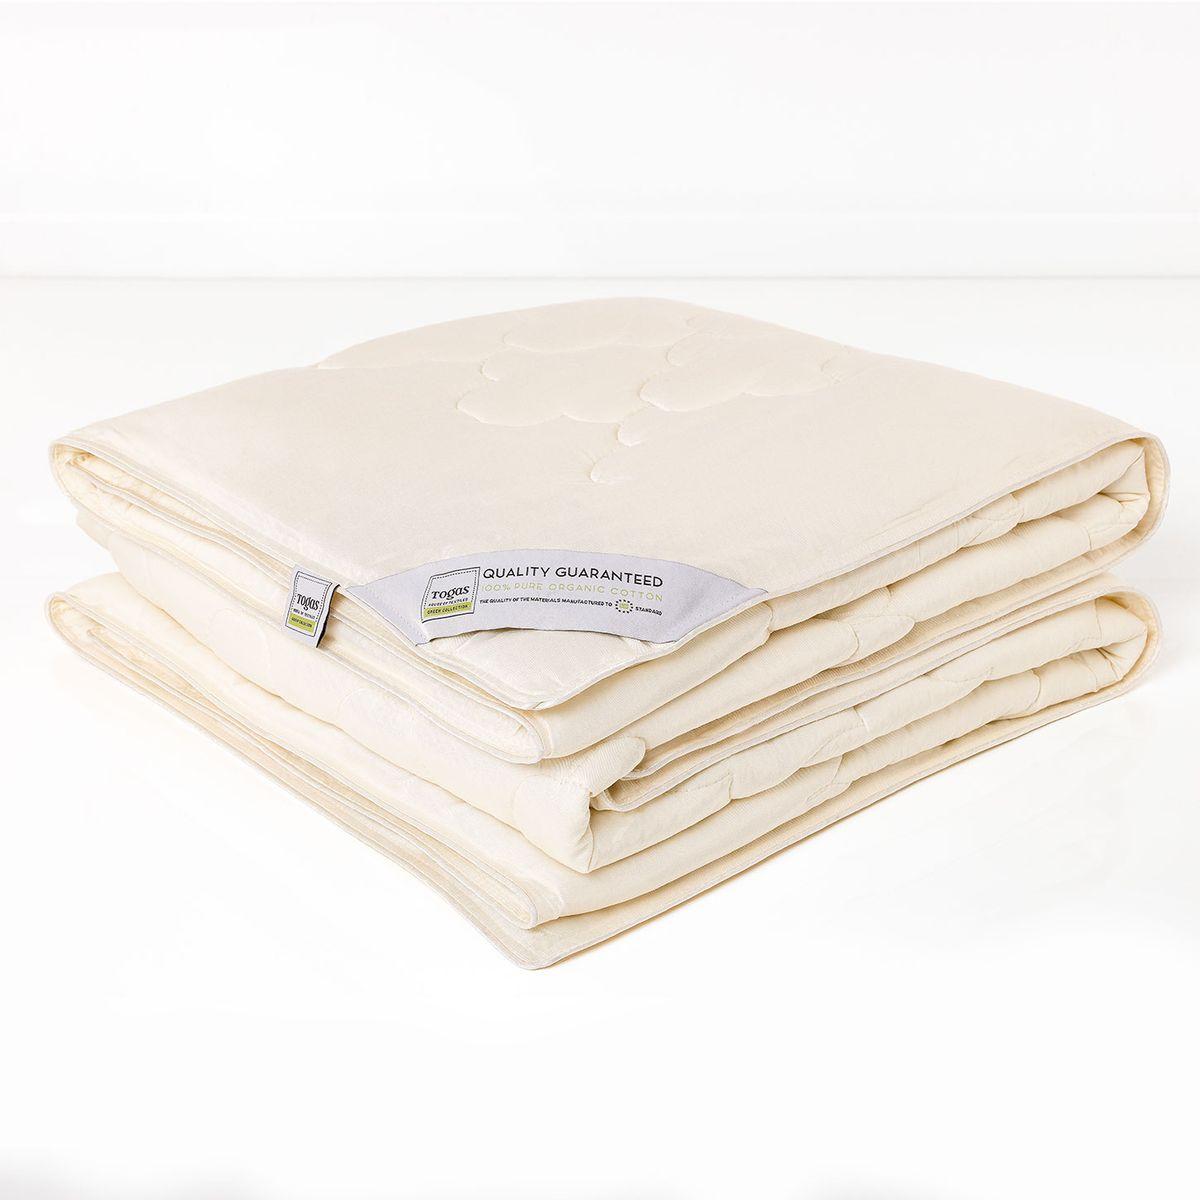 Одеяло Хлопок в ткани из бамбукового волокна, 200 х 210 см. 20.04.12.000620.04.12.0006Природа щедро наделила бамбук уникальными качествами, которые стали доступны нам благодаря развитию современных технологий. Бамбуковое волокно мягкое и приятное на ощупь, по виду напоминает шелк и кашемир. В качестве наполнителя для нашего одеяла мы выбрали натуральный хлопок - высокопрочный, самый популярный в мире натуральный материал, известный своими впитывающими и терморерулирующими свойствами. Это одеяло поистине совершенно, ведь в нем объединились новейшие технологии - и безграничная сила природы… Размер одеяла: 200 х 210 см. Толщина: 1 см.